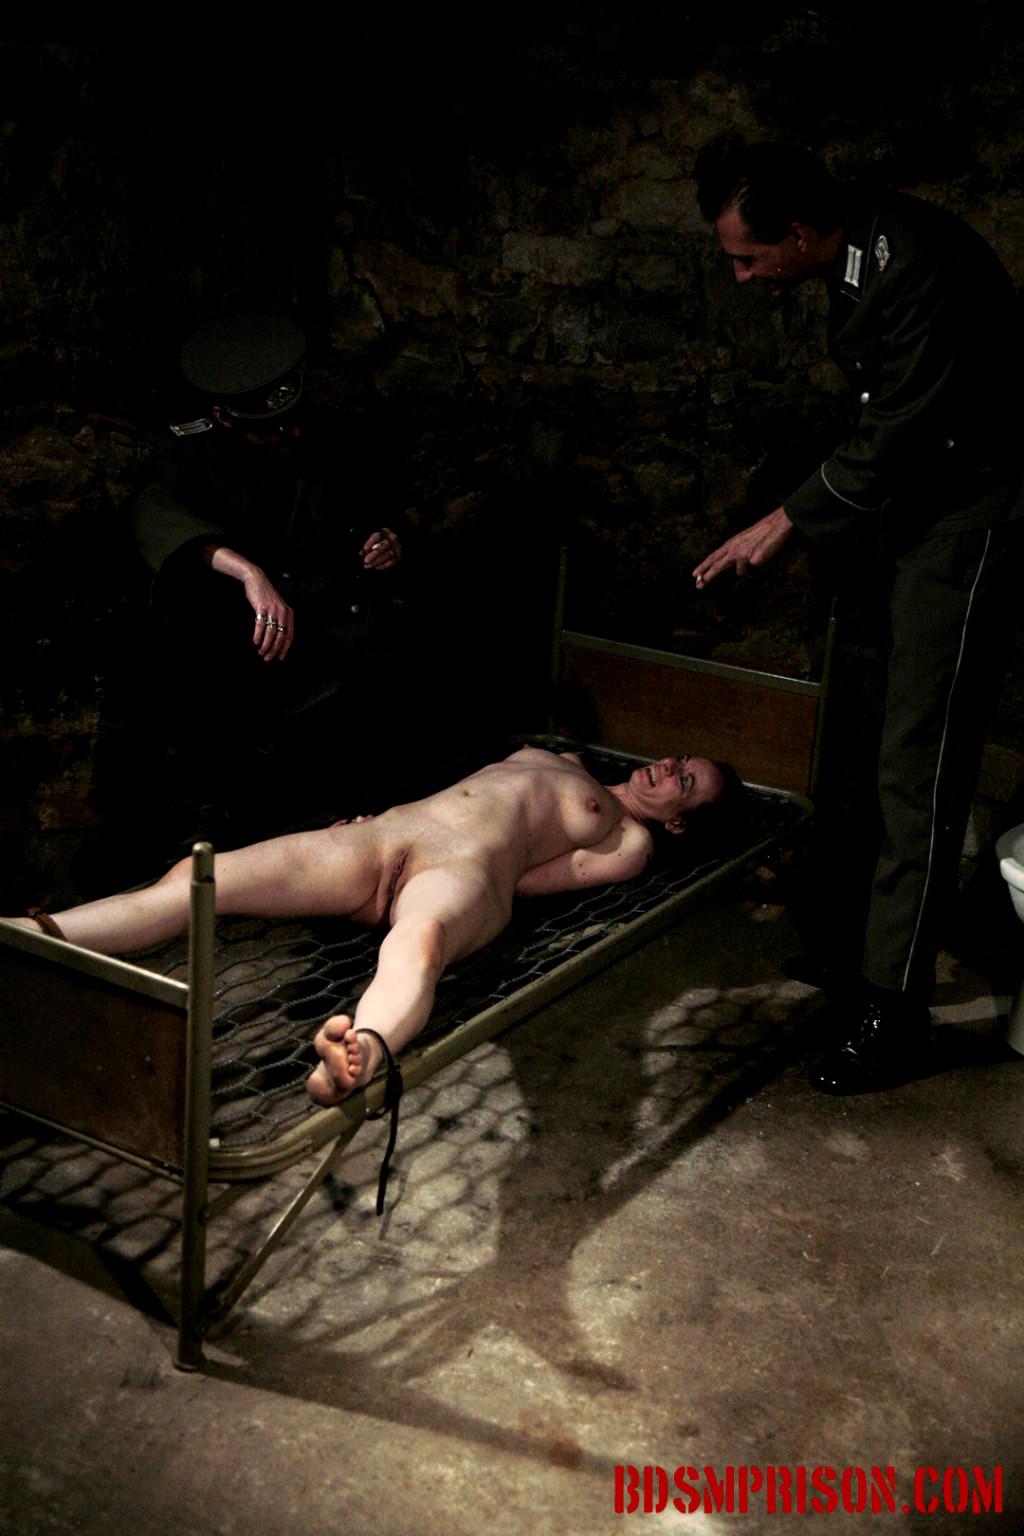 женщины в тюрьмах бдсм видео видео порно